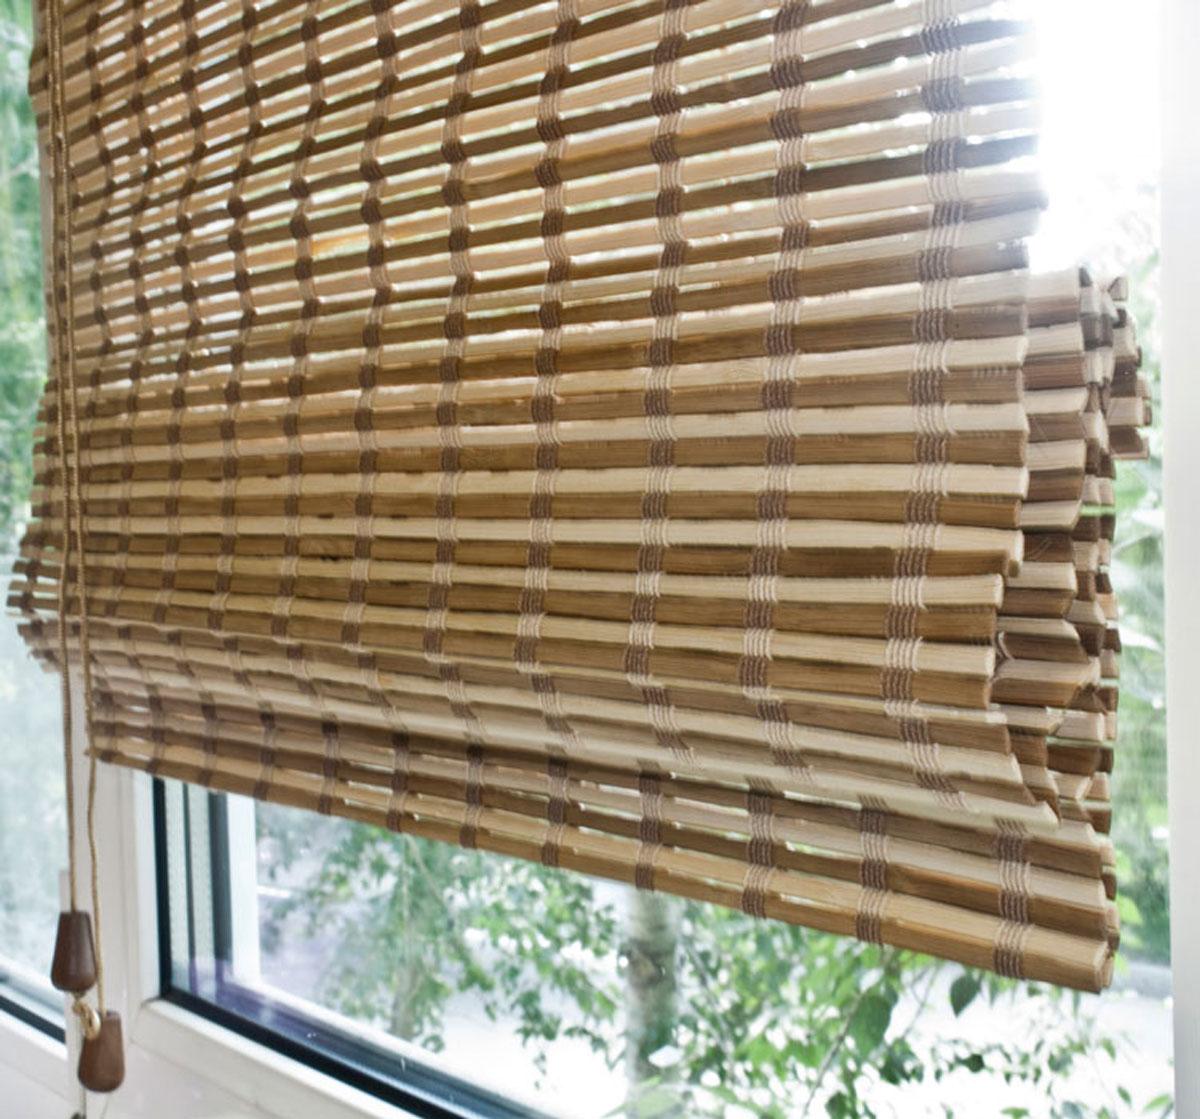 Римская штора Эскар, бамбуковая, цвет: коричневый, бежевый, ширина 60 см, высота 160 смRC-100BPCРимская штора Эскар, выполненная из натурального бамбука, является оригинальным современным аксессуаром для создания необычного интерьера в восточном или минималистичном стиле.Римская бамбуковая штора, как и тканевая римская штора, при поднятии образует крупные складки, которые прекрасно декорируют окно. Особенность устройства полотна позволяет свободно пропускать дневной свет, что обеспечивает мягкое освещение комнаты. Римская штора из натурального влагоустойчивого материала легко вписывается в любой интерьер, хорошо сочетается с различной мебелью и элементами отделки. Использование бамбукового полотна придает помещению необычный вид и визуально расширяет пространство. Бамбуковые шторы требуют только сухого ухода: пылесосом, щеткой, веником или влажной (но не мокрой!) губкой. Комплект для монтажа прилагается.